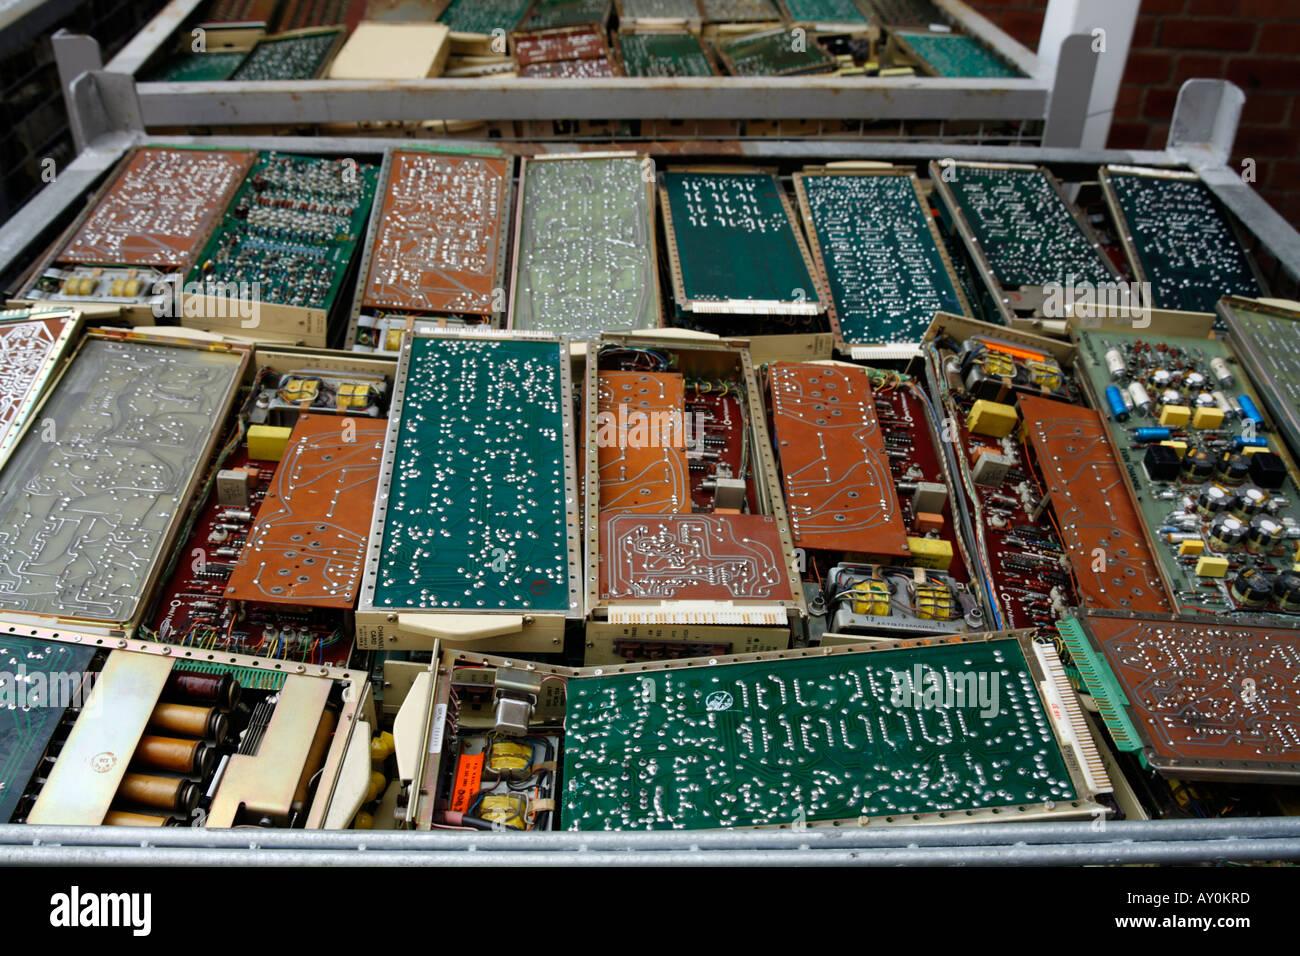 Los residuos electrónicos en Salta listo para placas de circuito de eliminación de equipos redundantes Imagen De Stock